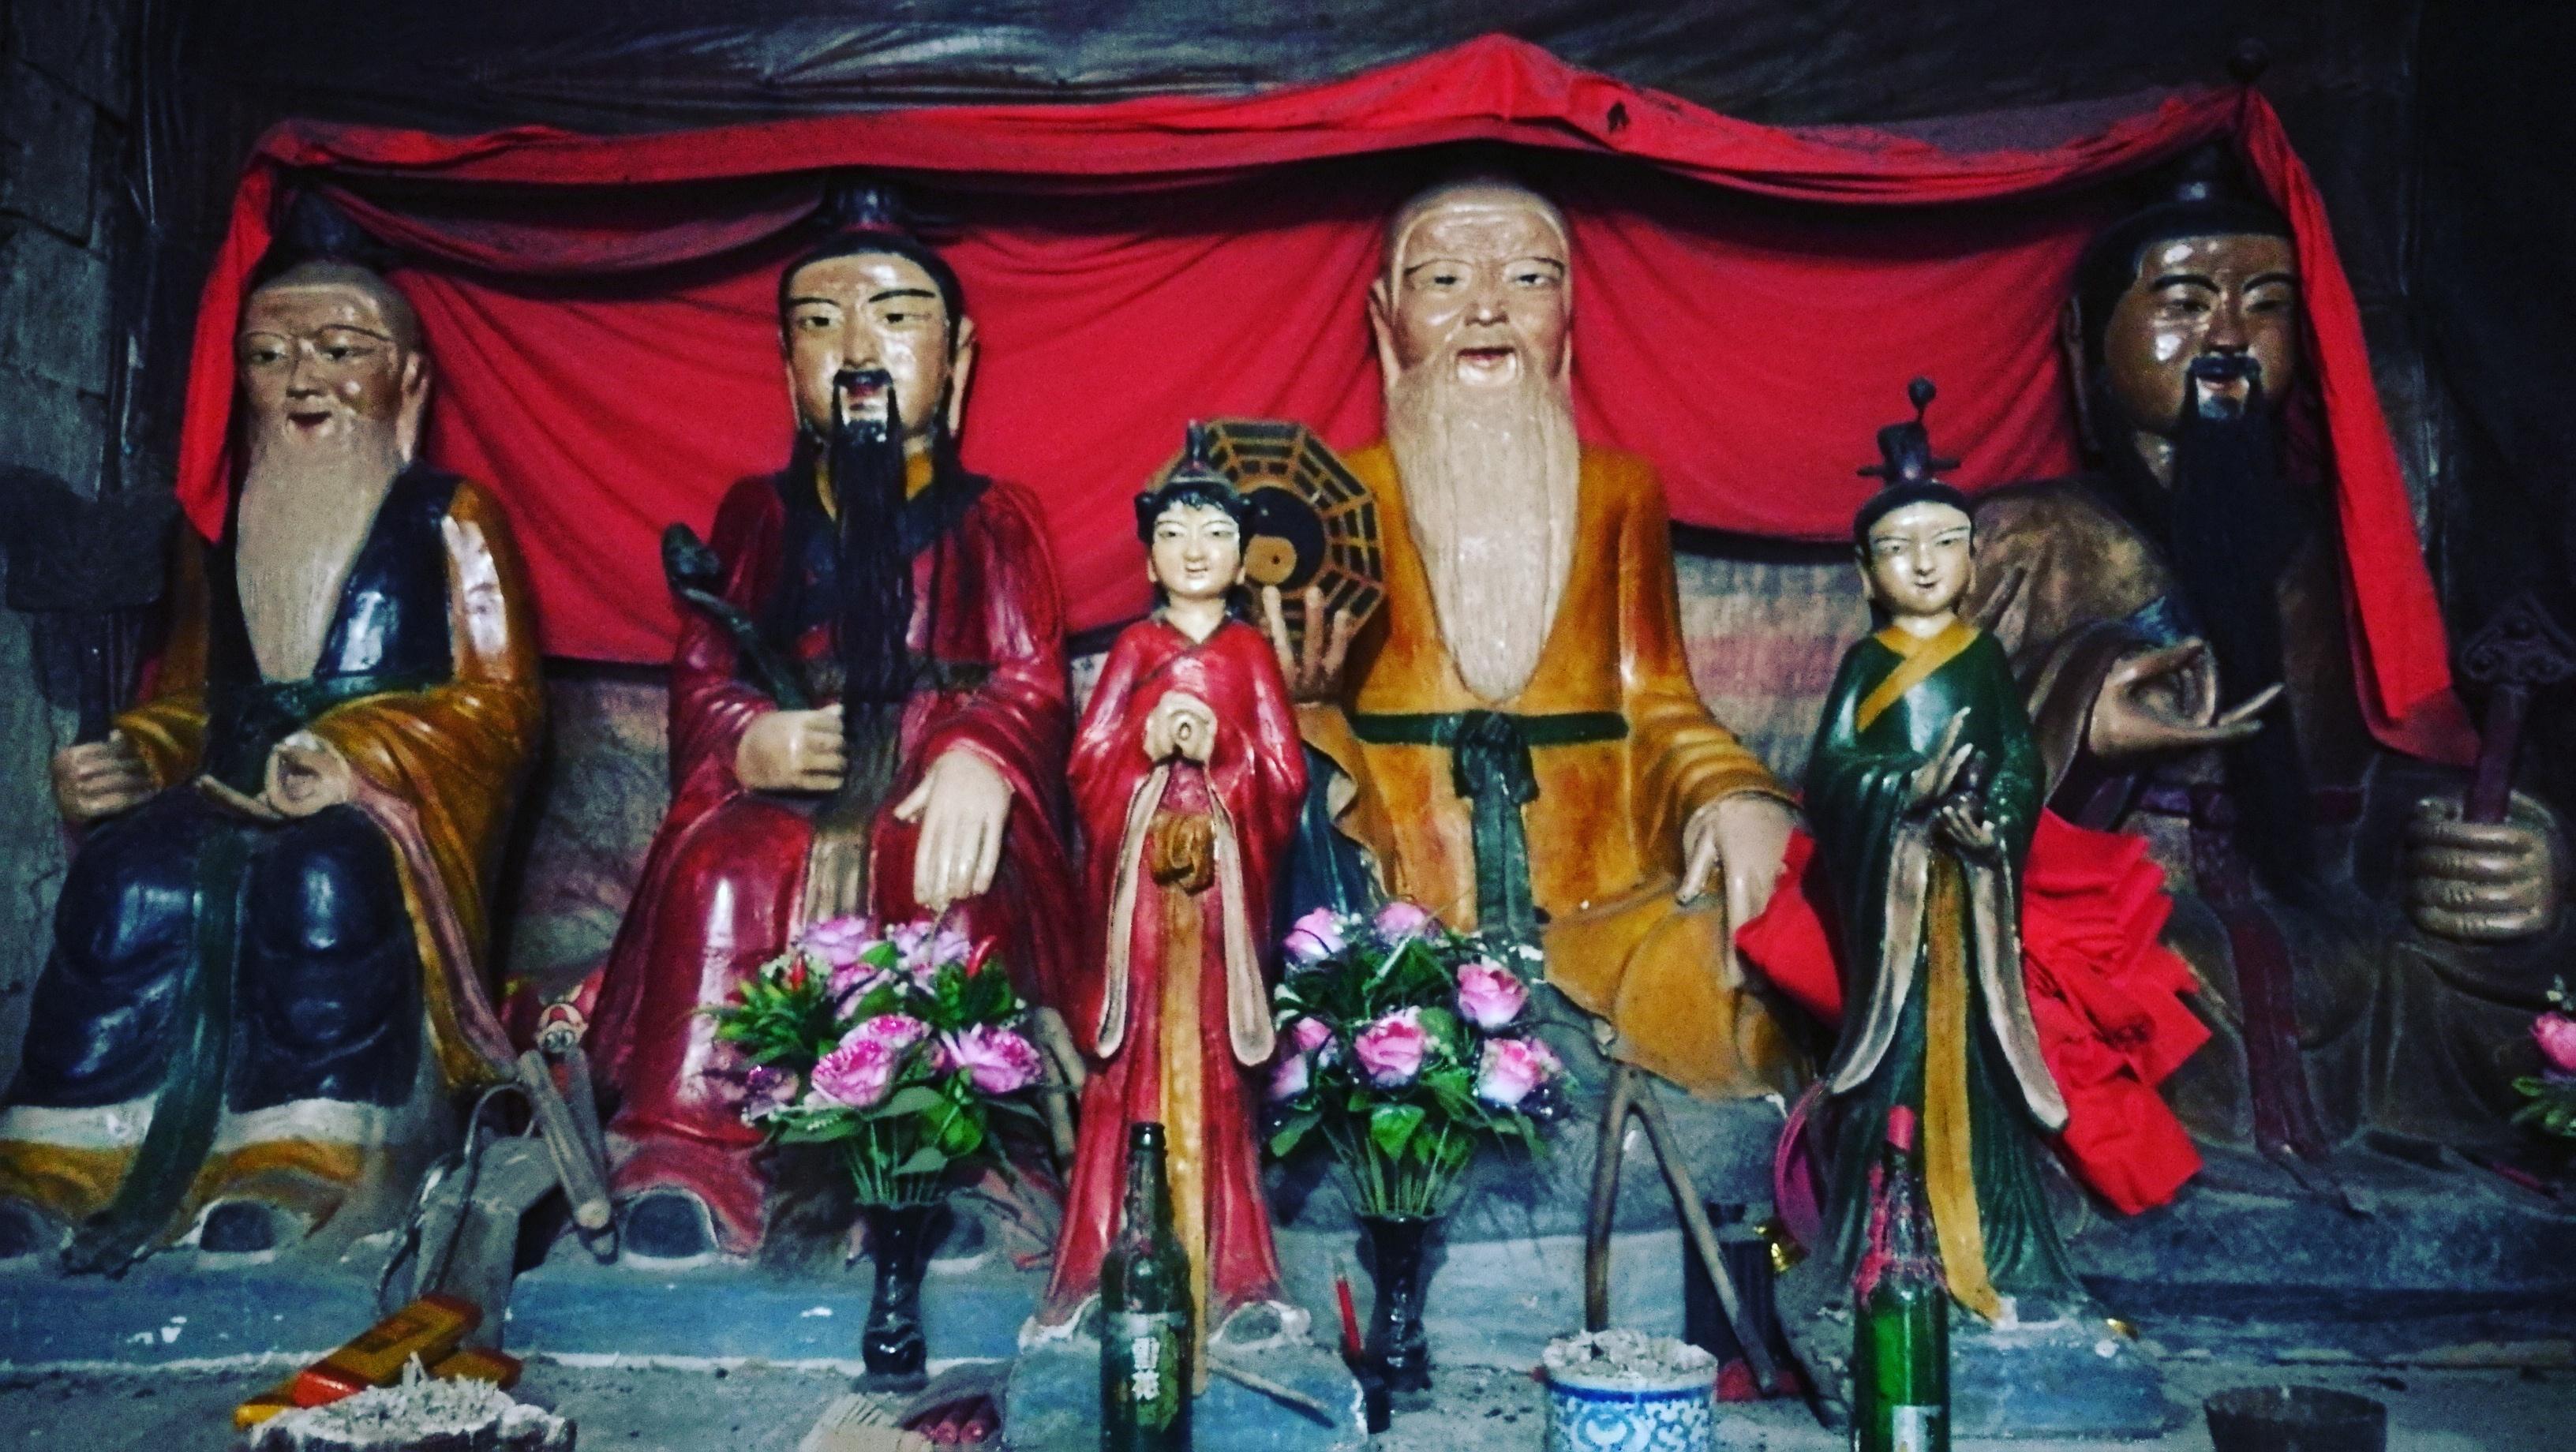 散落在民间的道教信仰:大别山老农三代守护小庙  信神如神在